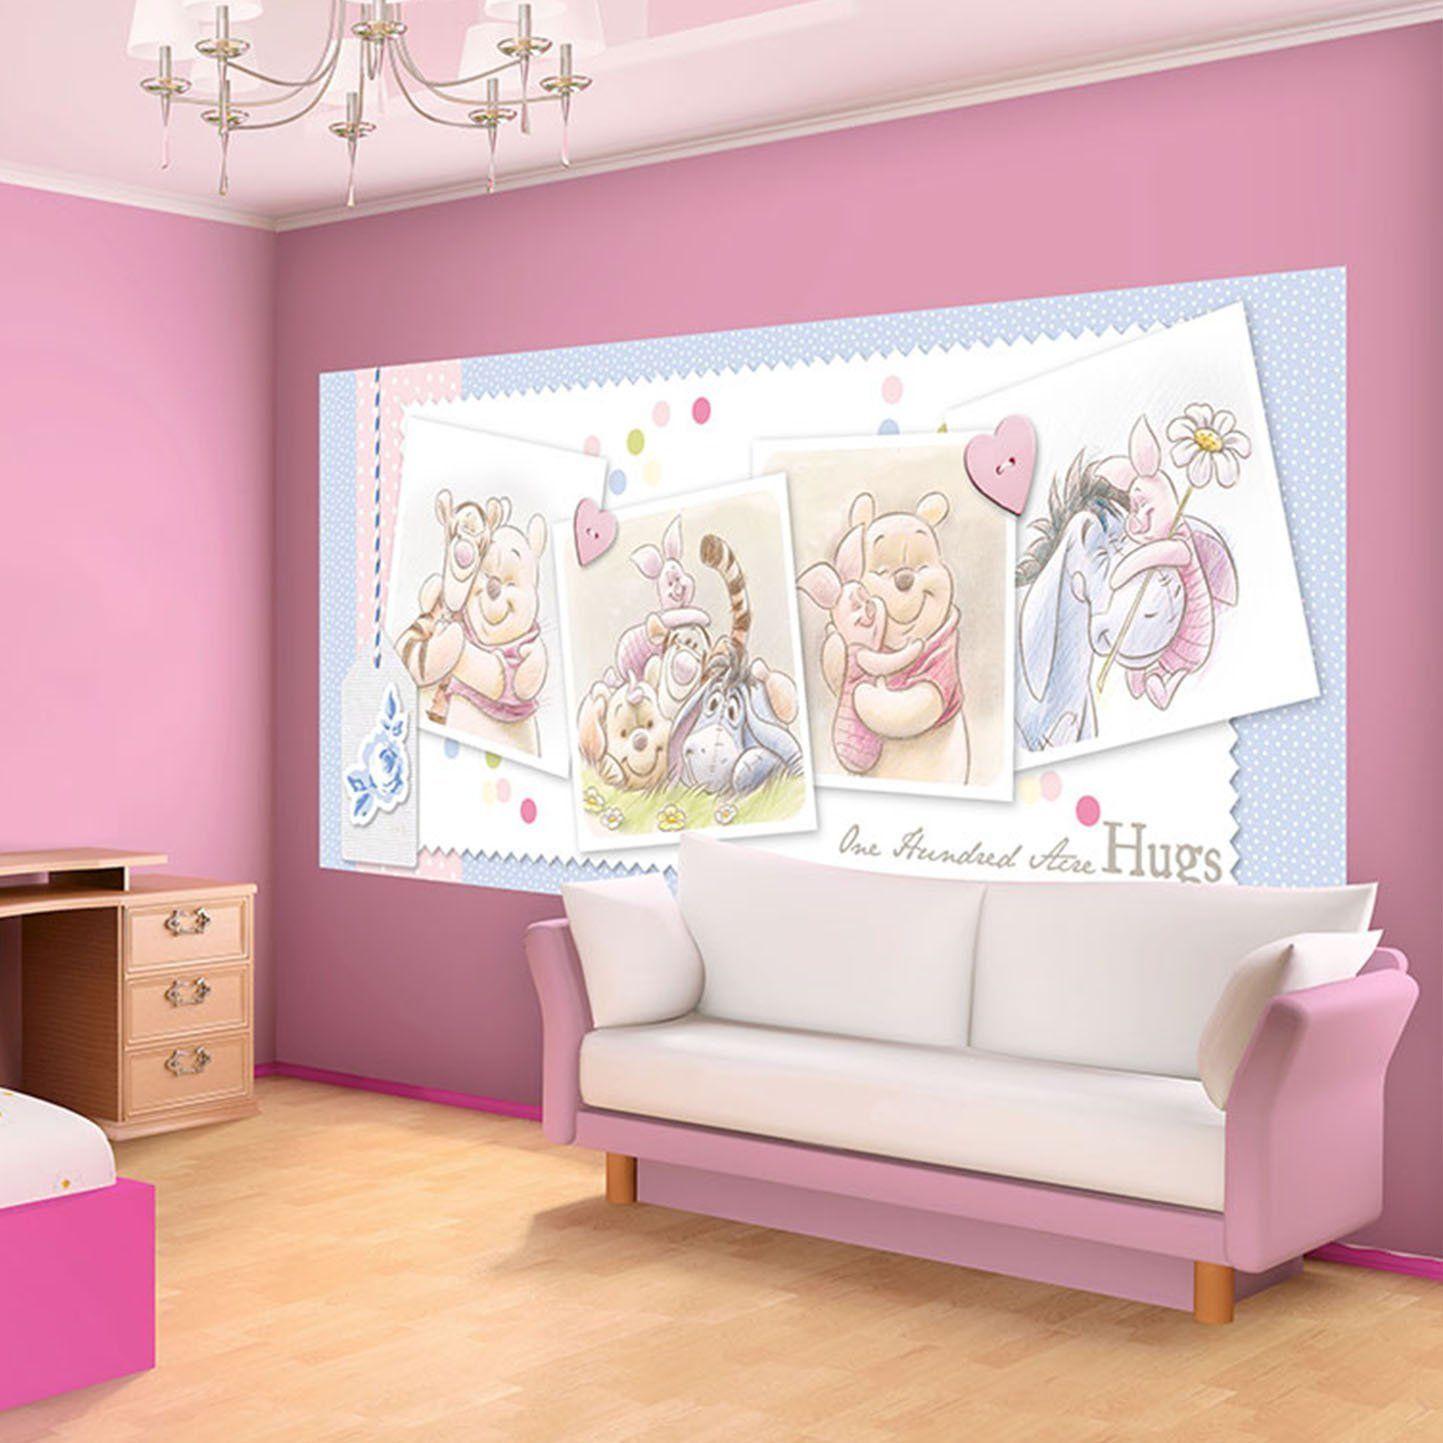 894aa4ff80c971393880b2327b1d864d - Winnie Pooh Tapete